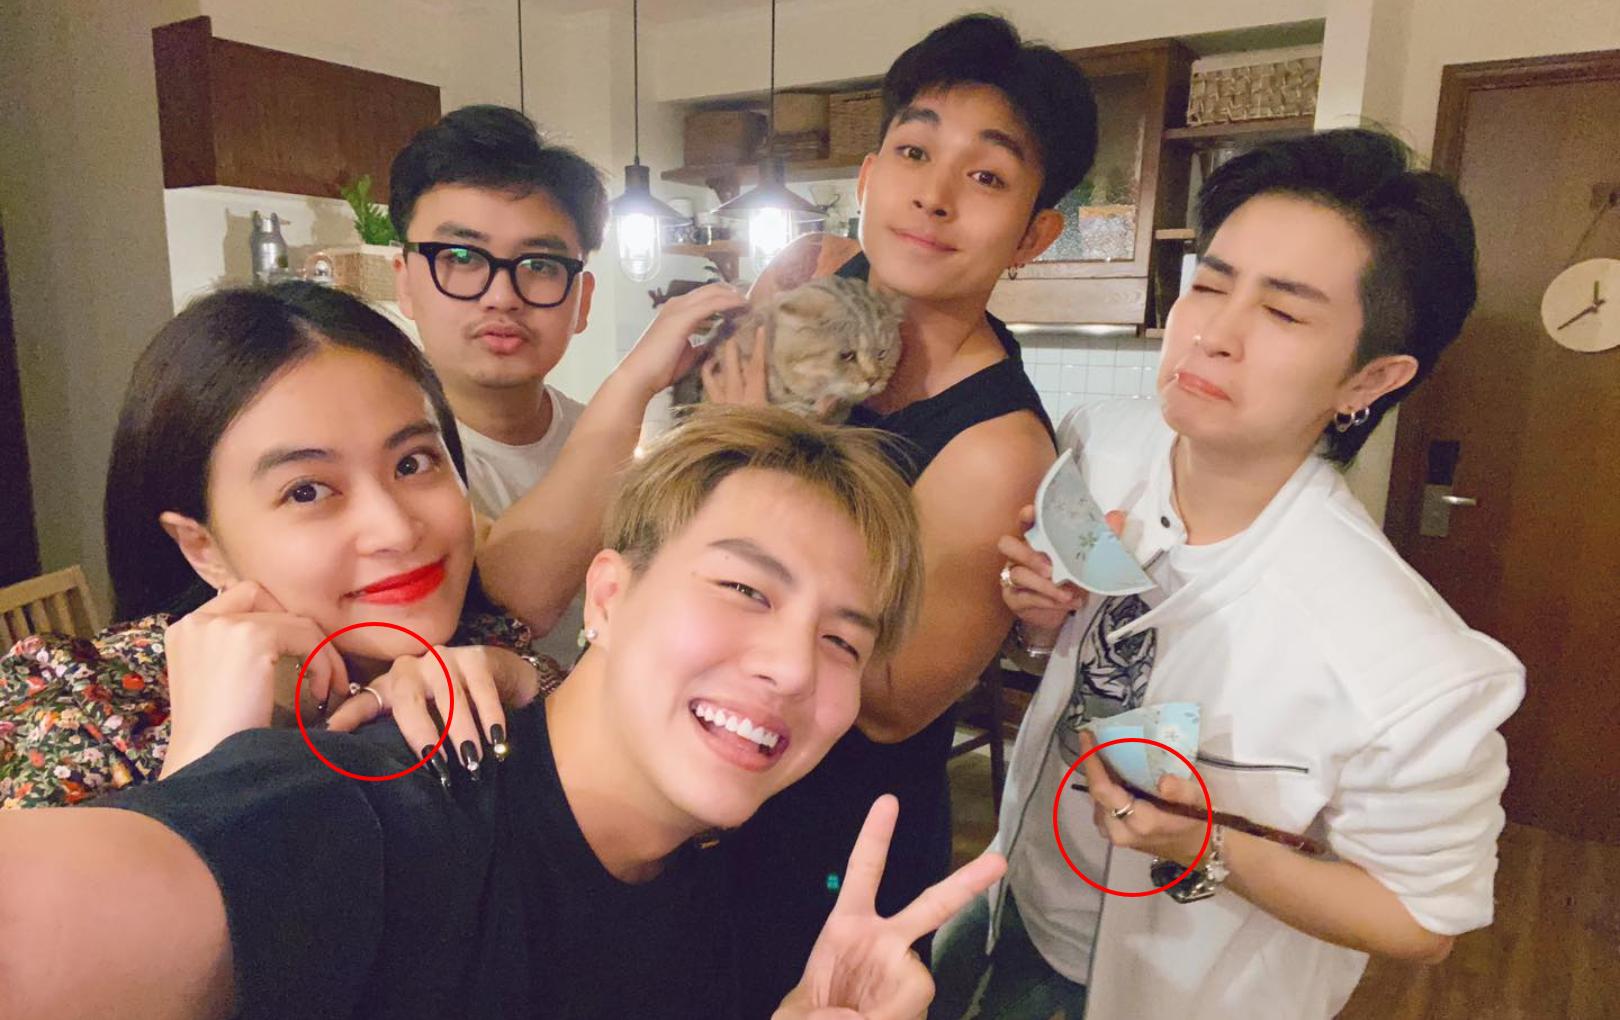 Gil Lê - Hoàng Thùy Linh nhí nhố selfie cùng hội bạn, dân tình chỉ chú ý đến chiếc nhẫn hao hao nhau của cặp đôi